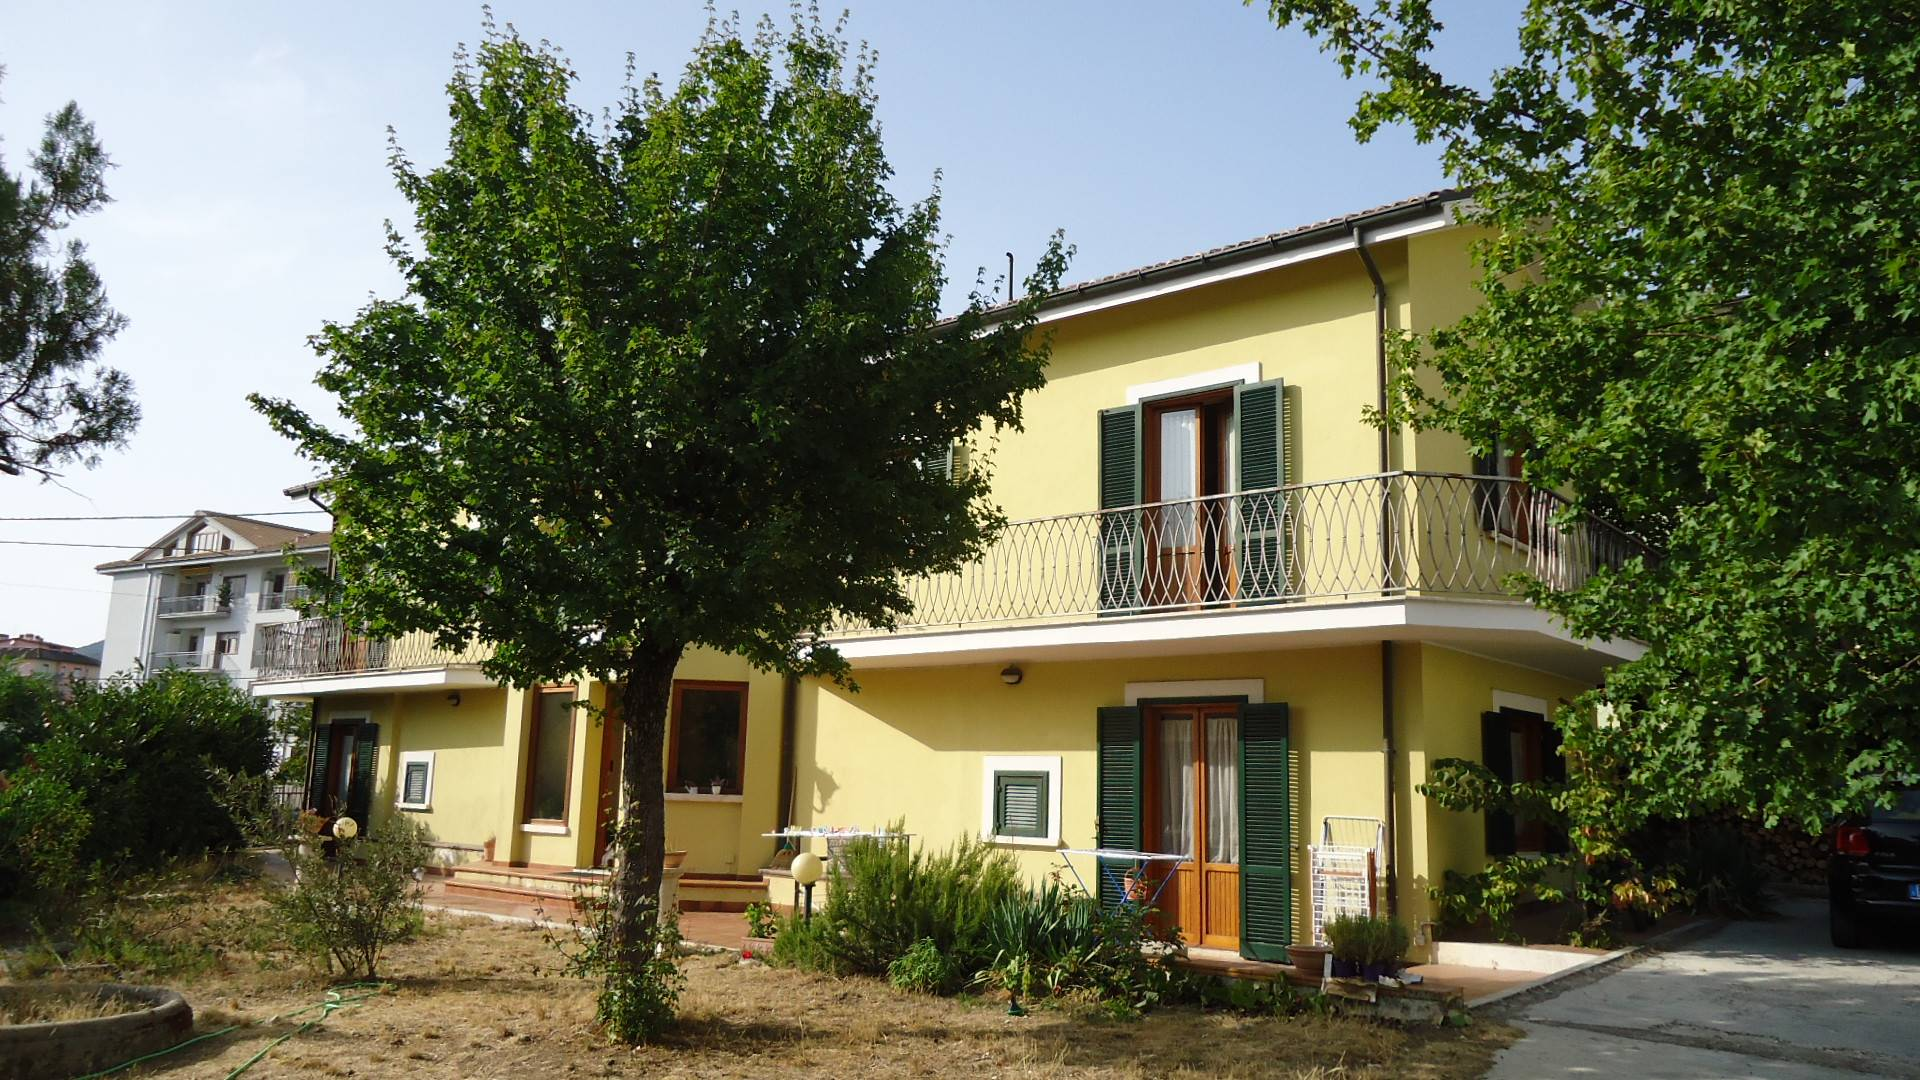 Villa in vendita a L'Aquila, 5 locali, zona Zona: Torrione, Trattative riservate | CambioCasa.it